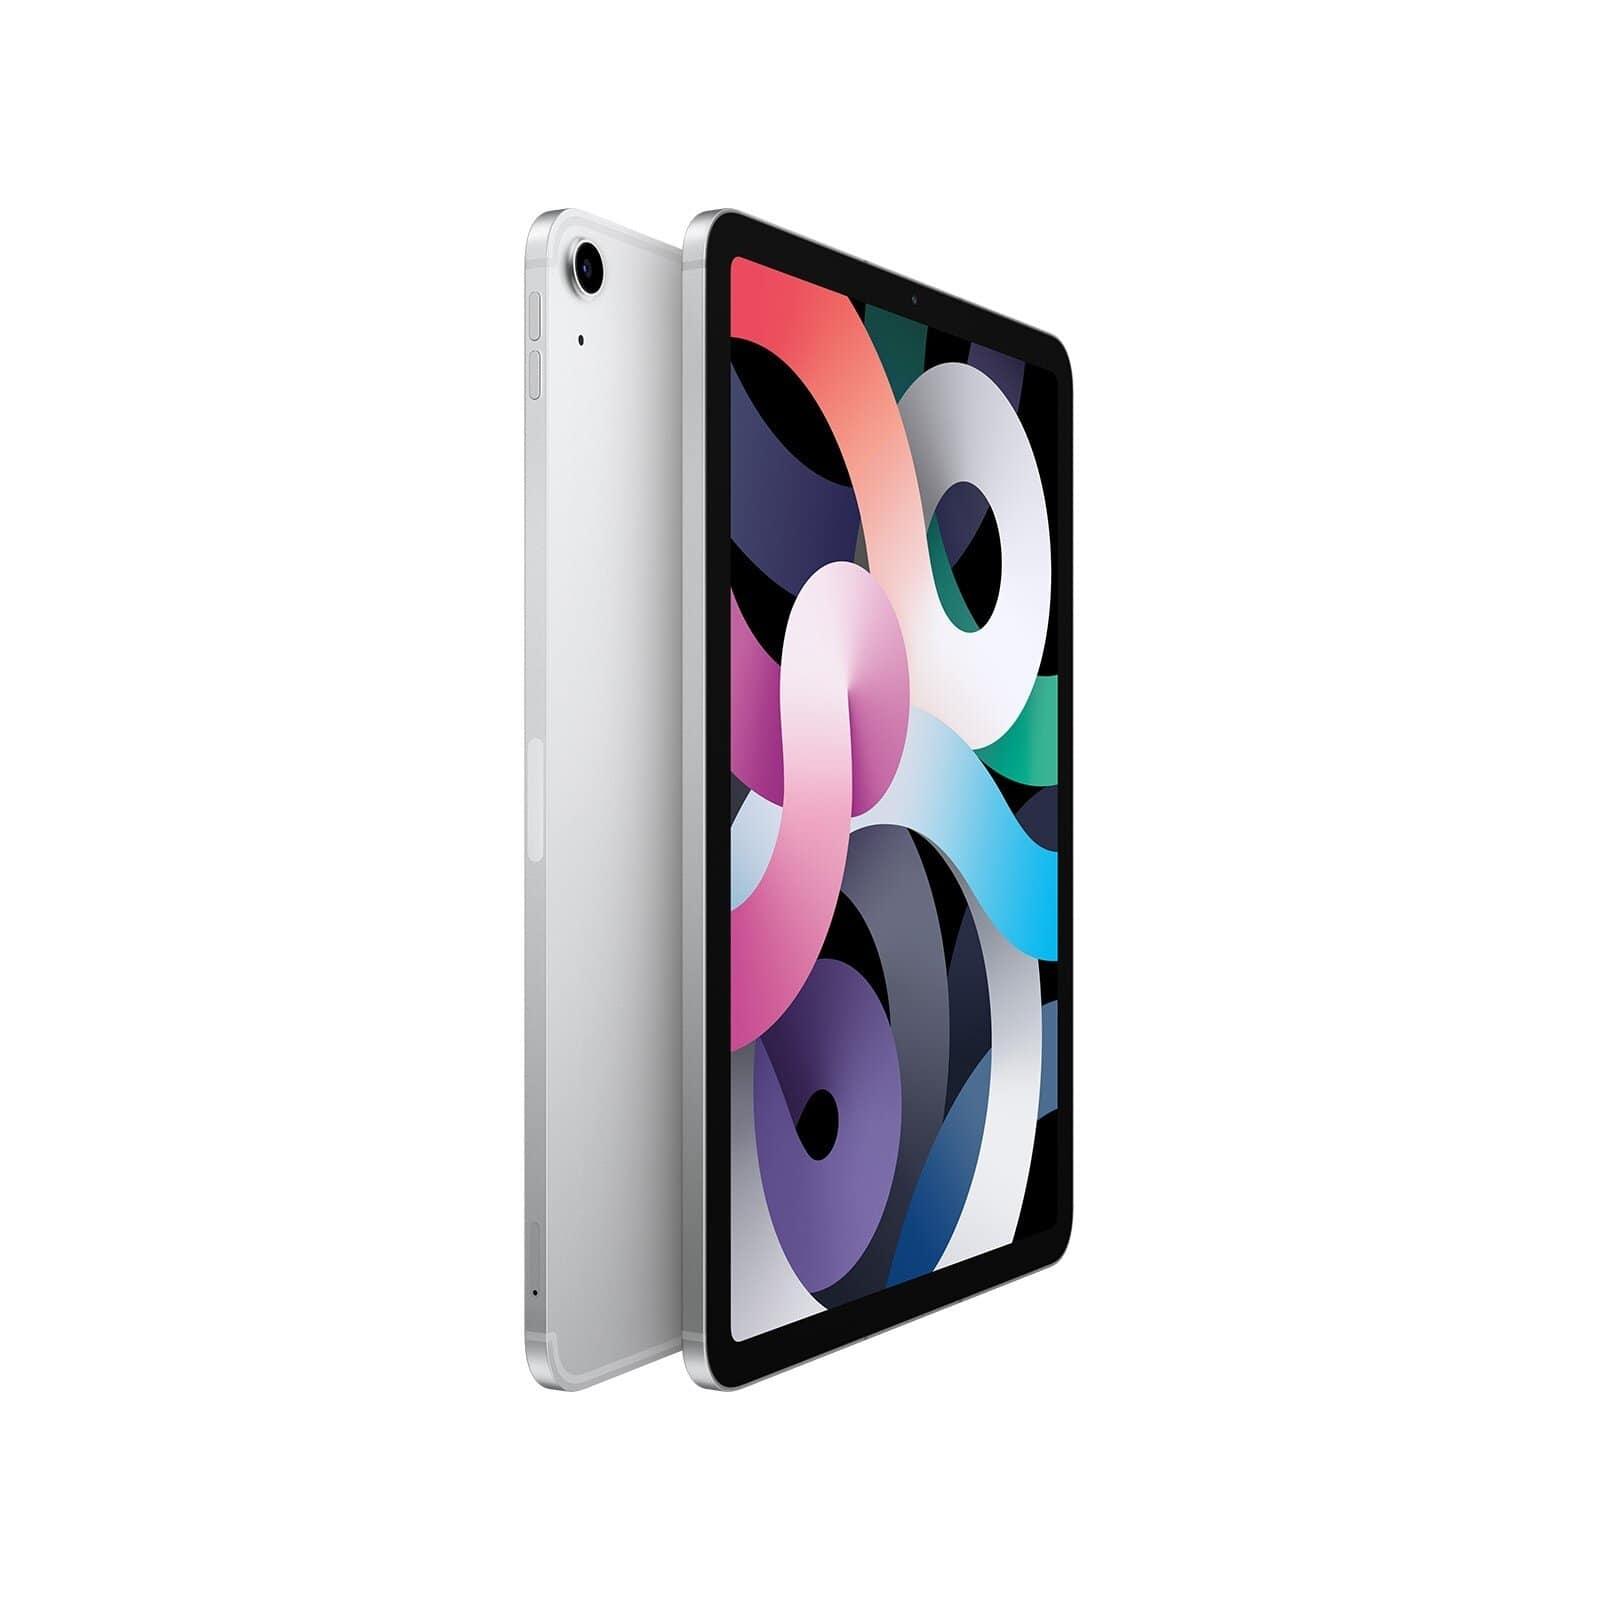 Apple iPad Air 10.9-inch Wi-Fi + Cellular 256GB - Silver